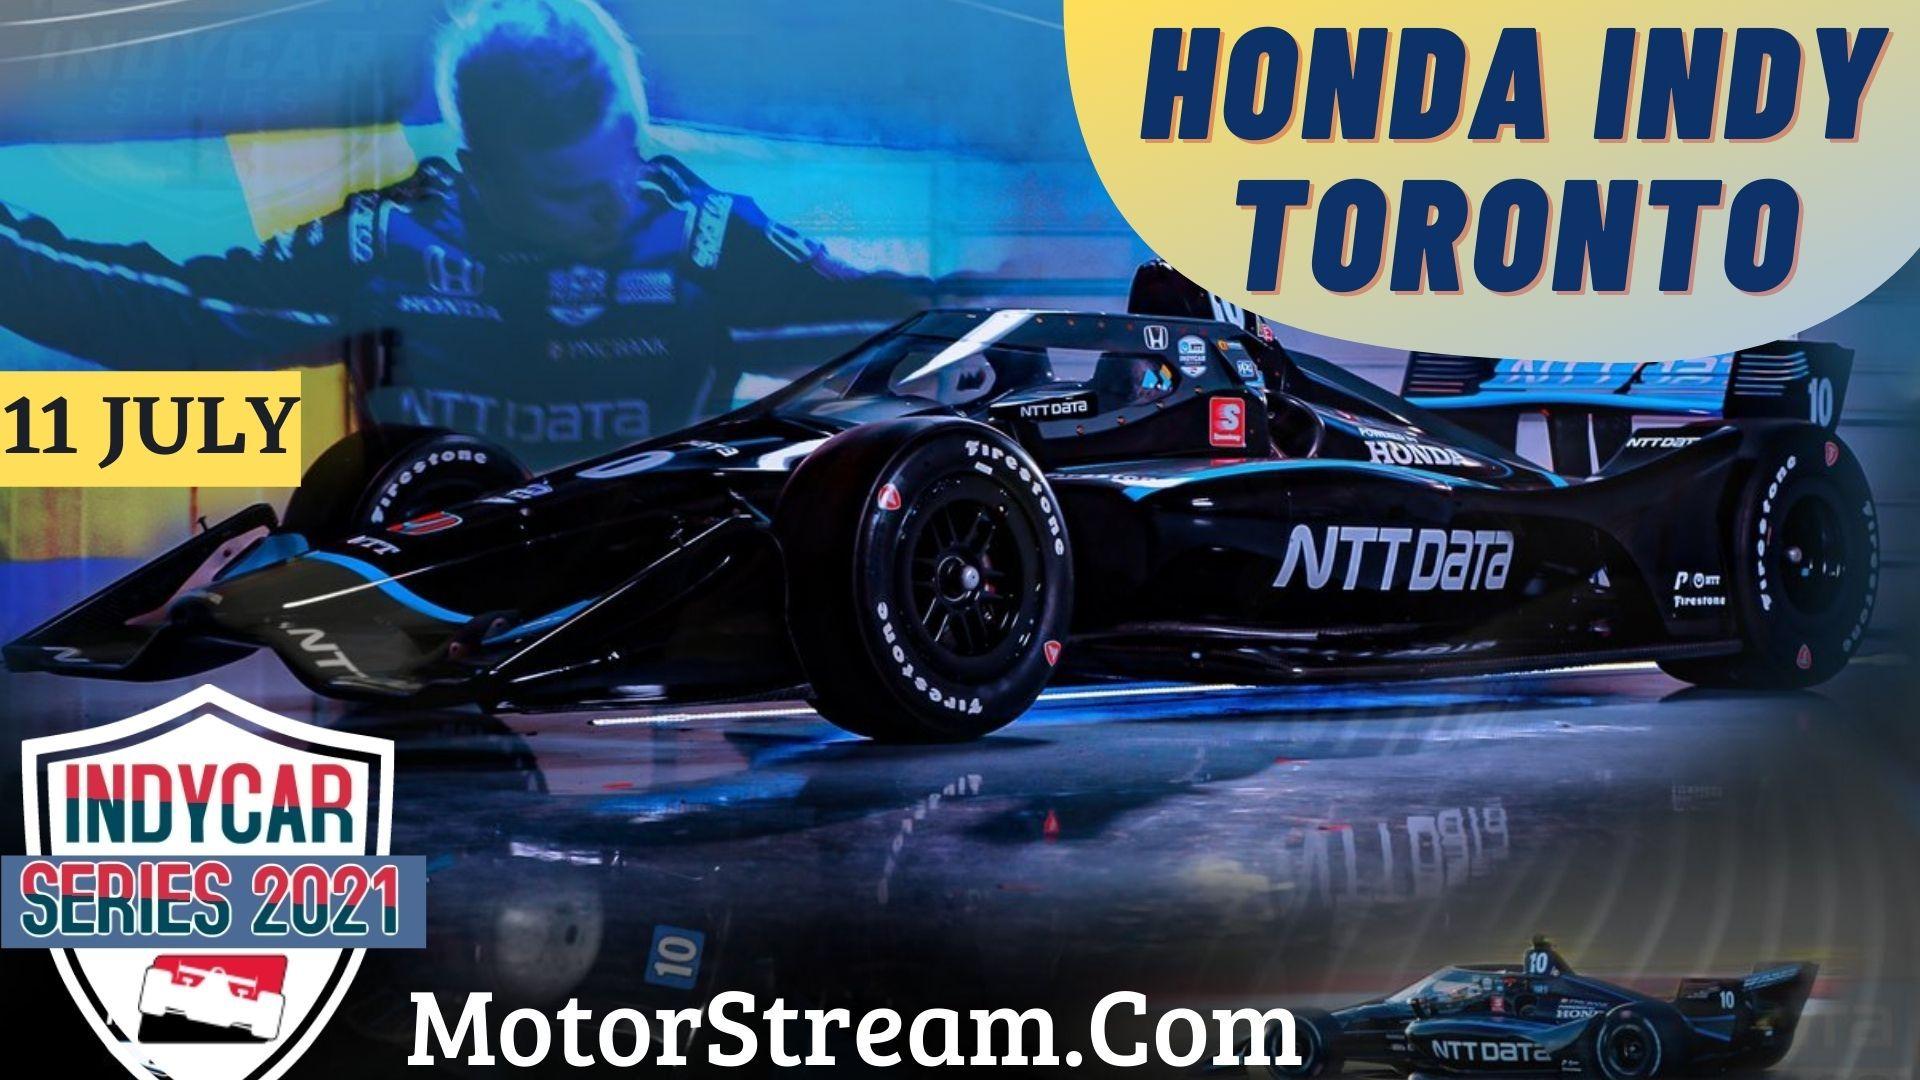 Honda Indy Toronto Live Stream 2021